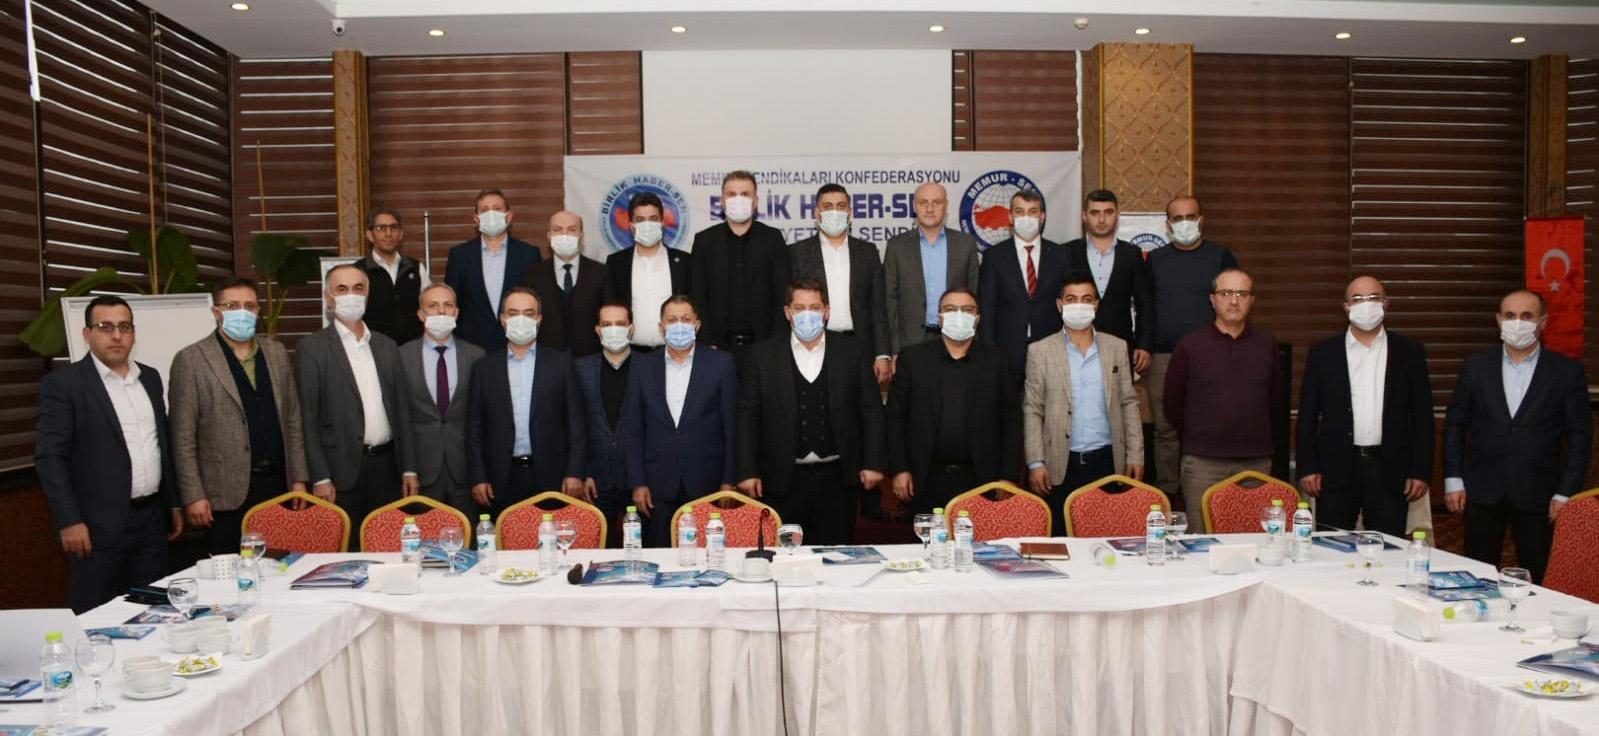 Bölgesel Başkanlar Kurulu Toplantıları Yalova'da Devam Ediyor